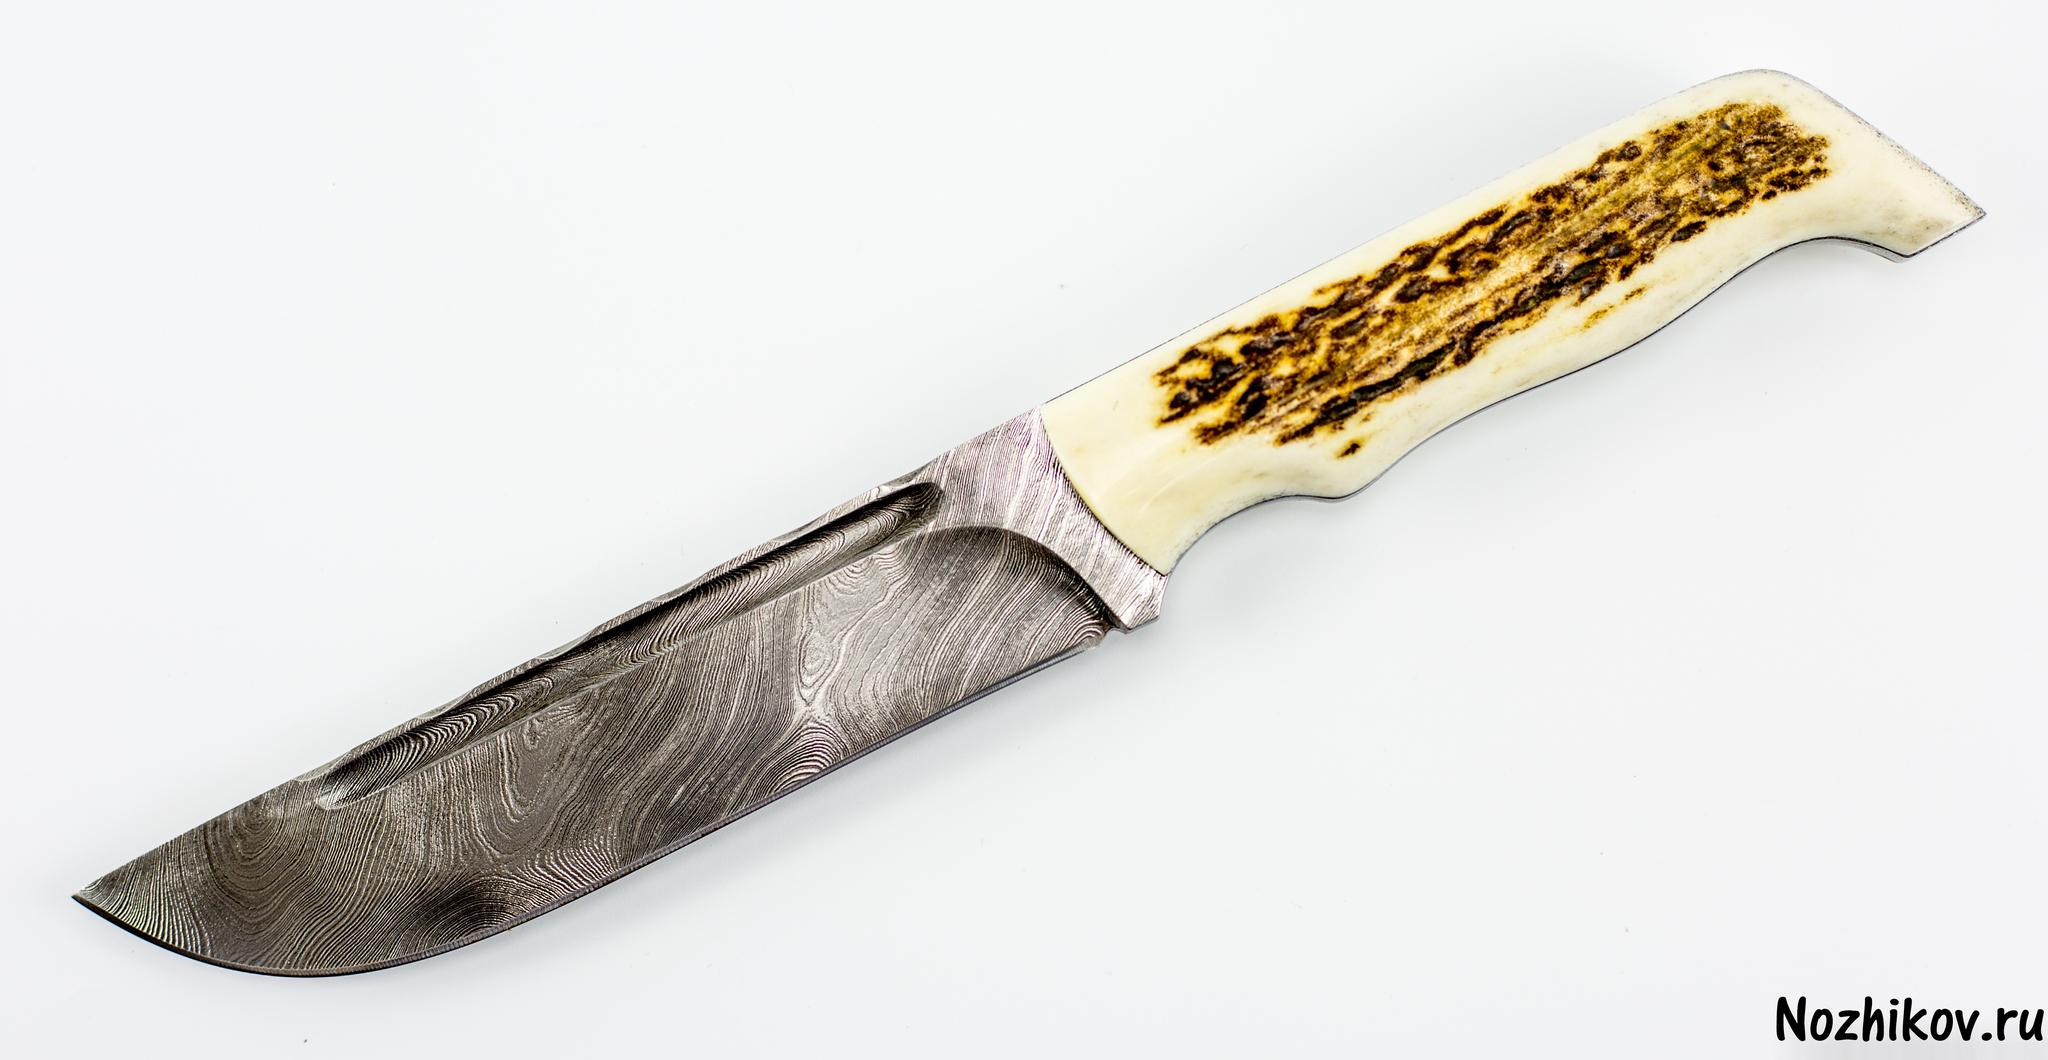 Авторский Нож из Дамаска №13, Кизляр